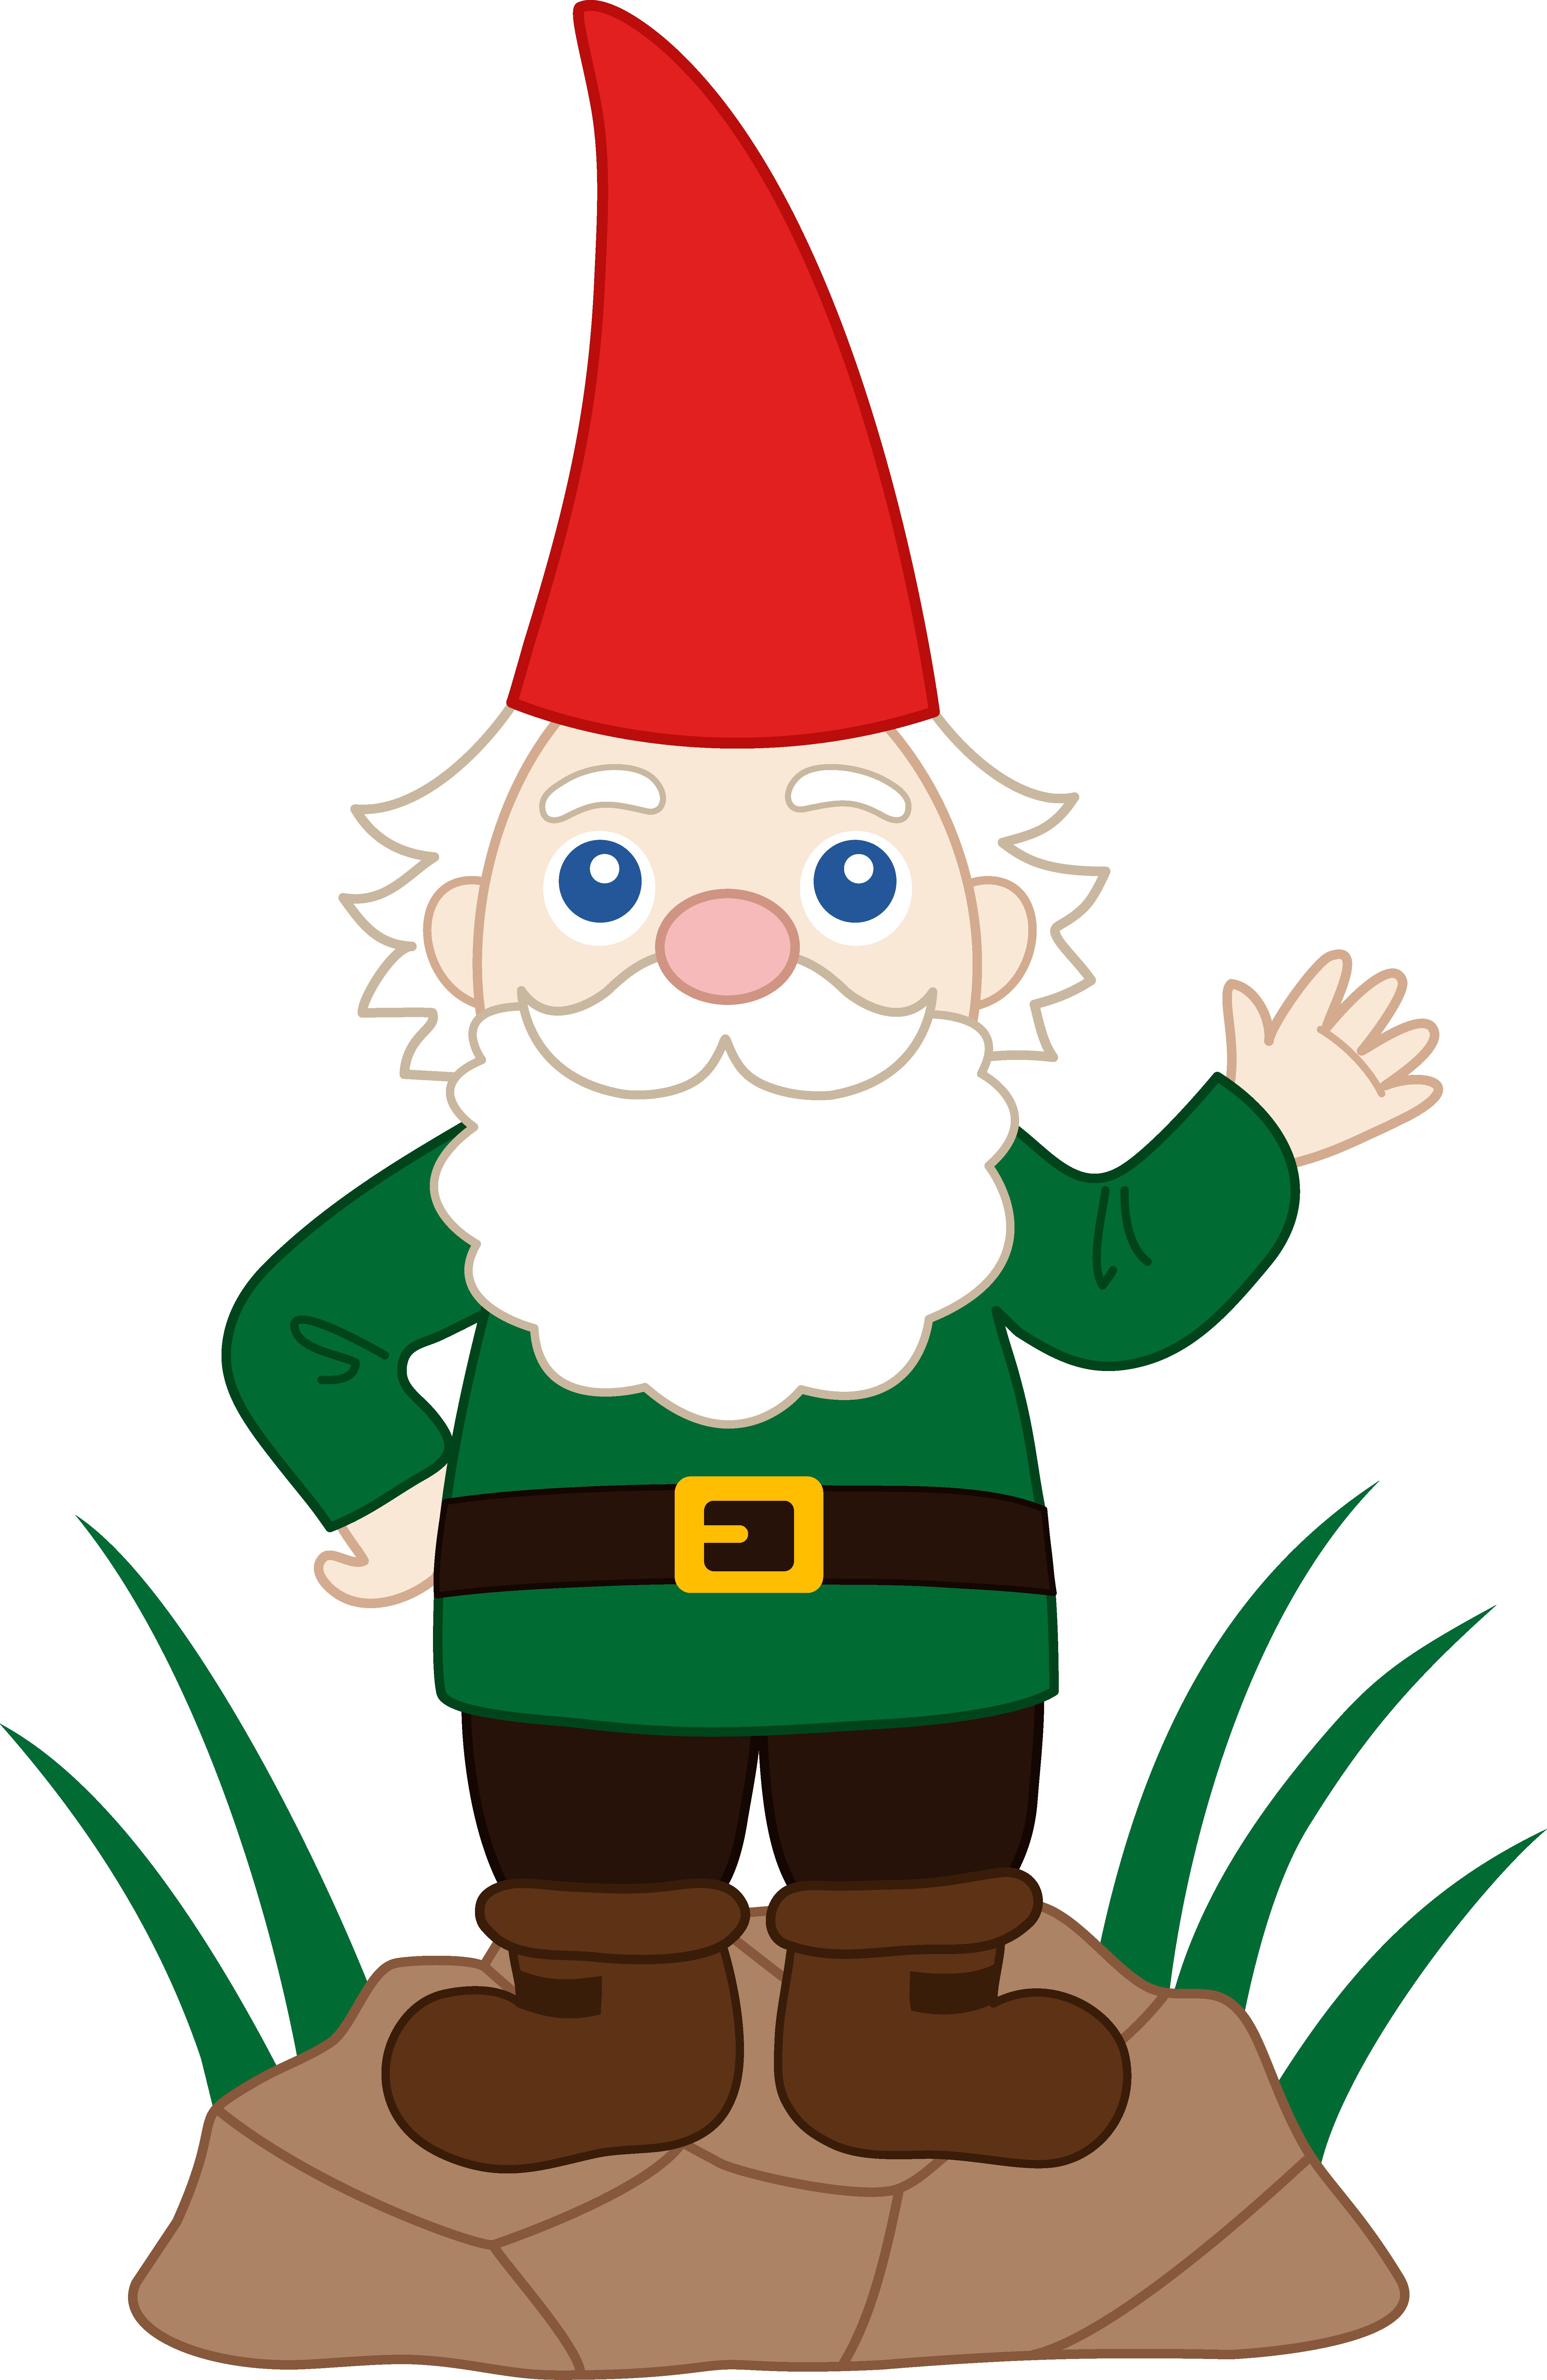 Friendly Garden Gnome - Free Clip Art - Gnome HD PNG